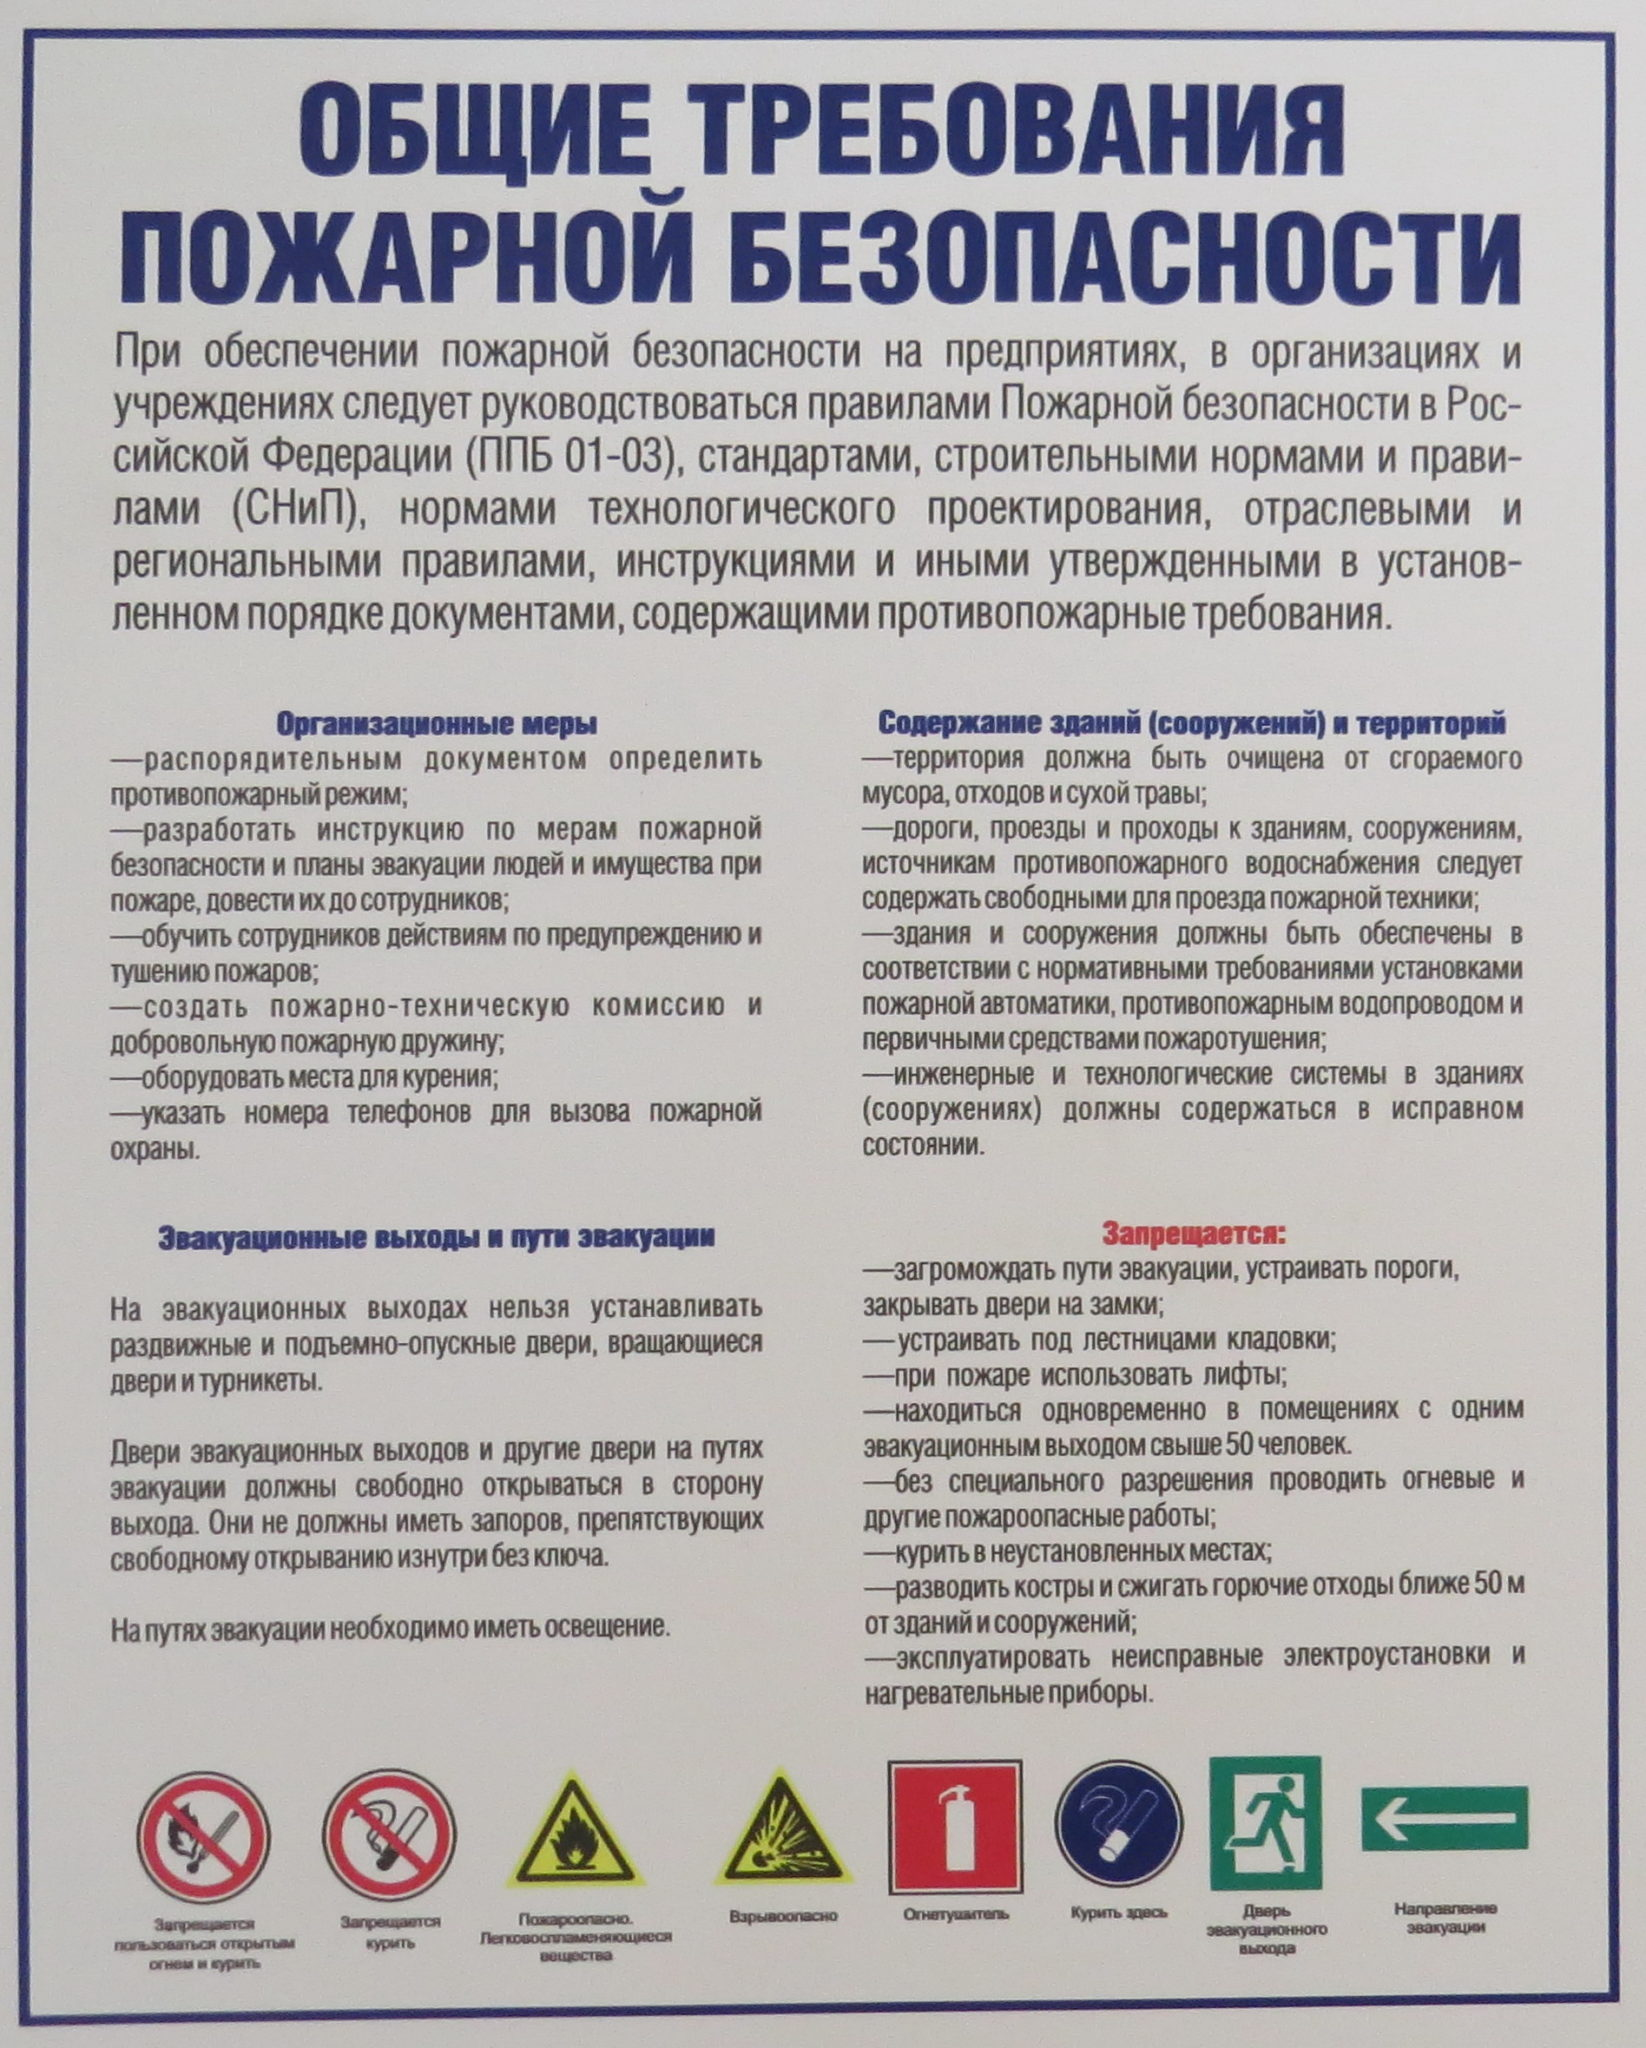 Указания и требования пожарной безопасности 2019